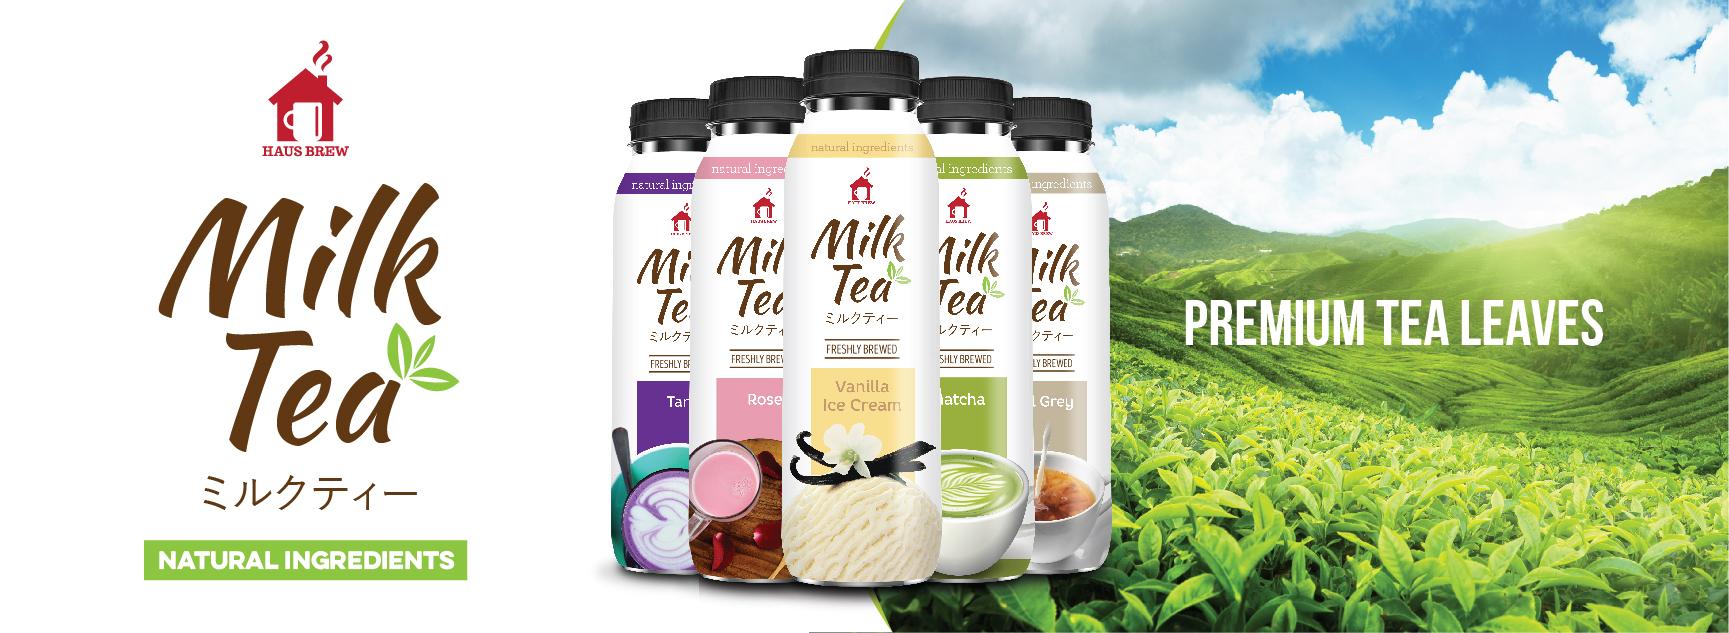 Haus Brew Milk Tea